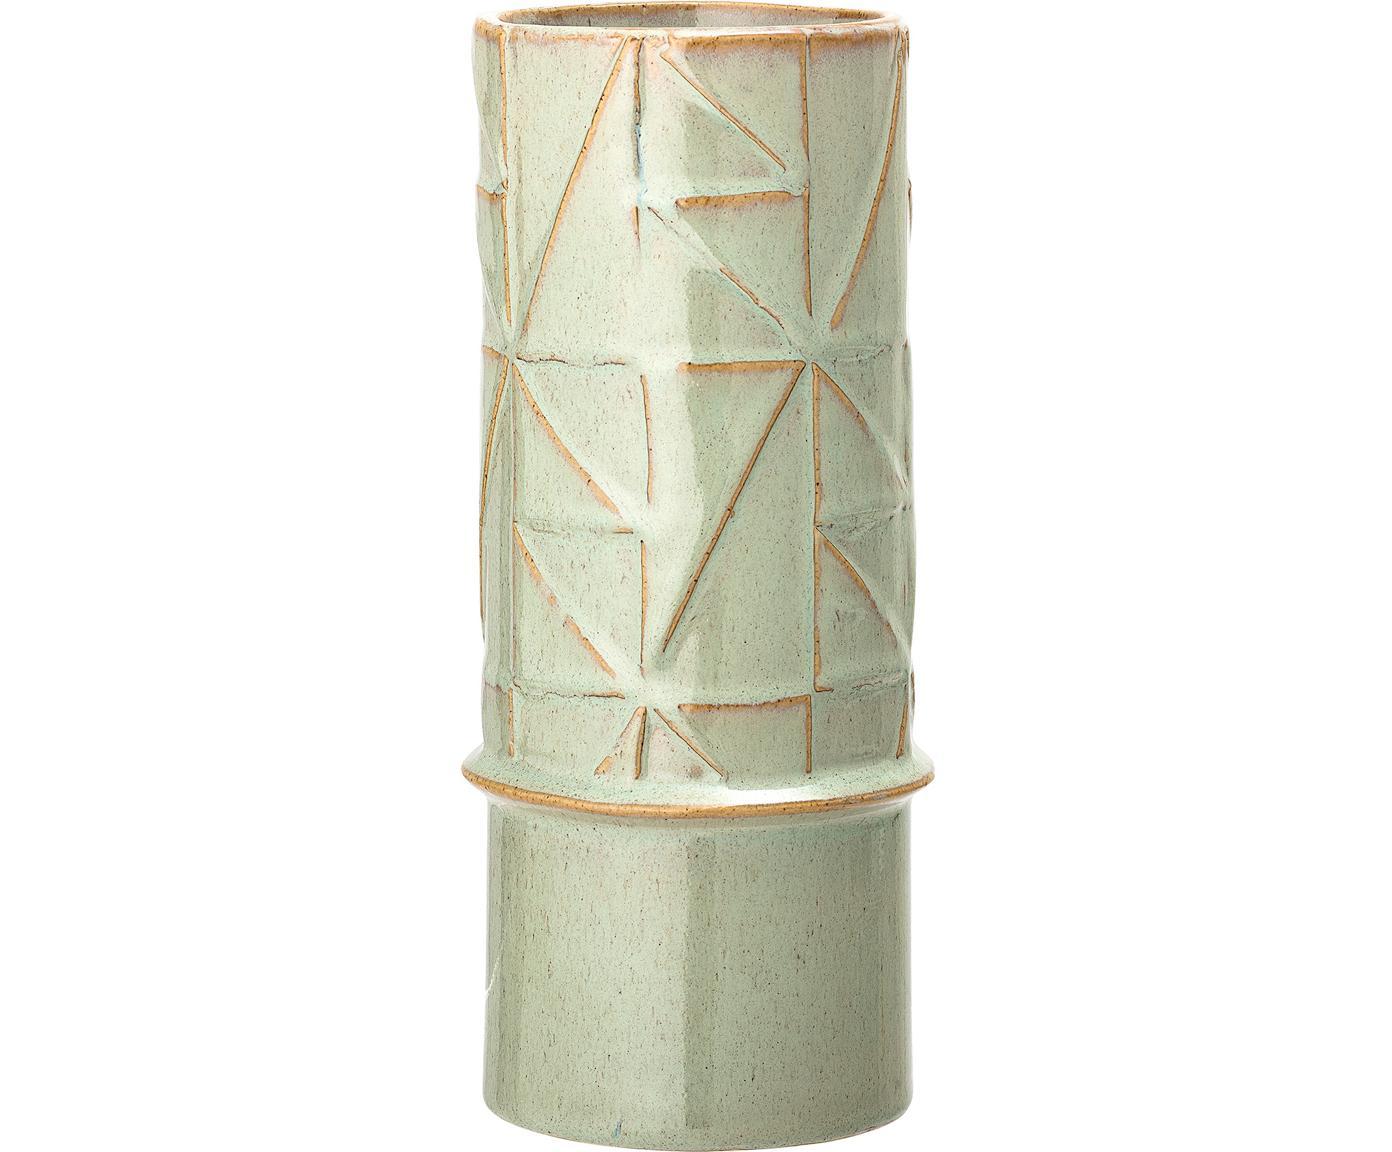 Handgefertigte Vase Mina aus Steingut, Steingut, Grün, Ø 11 x H 25 cm